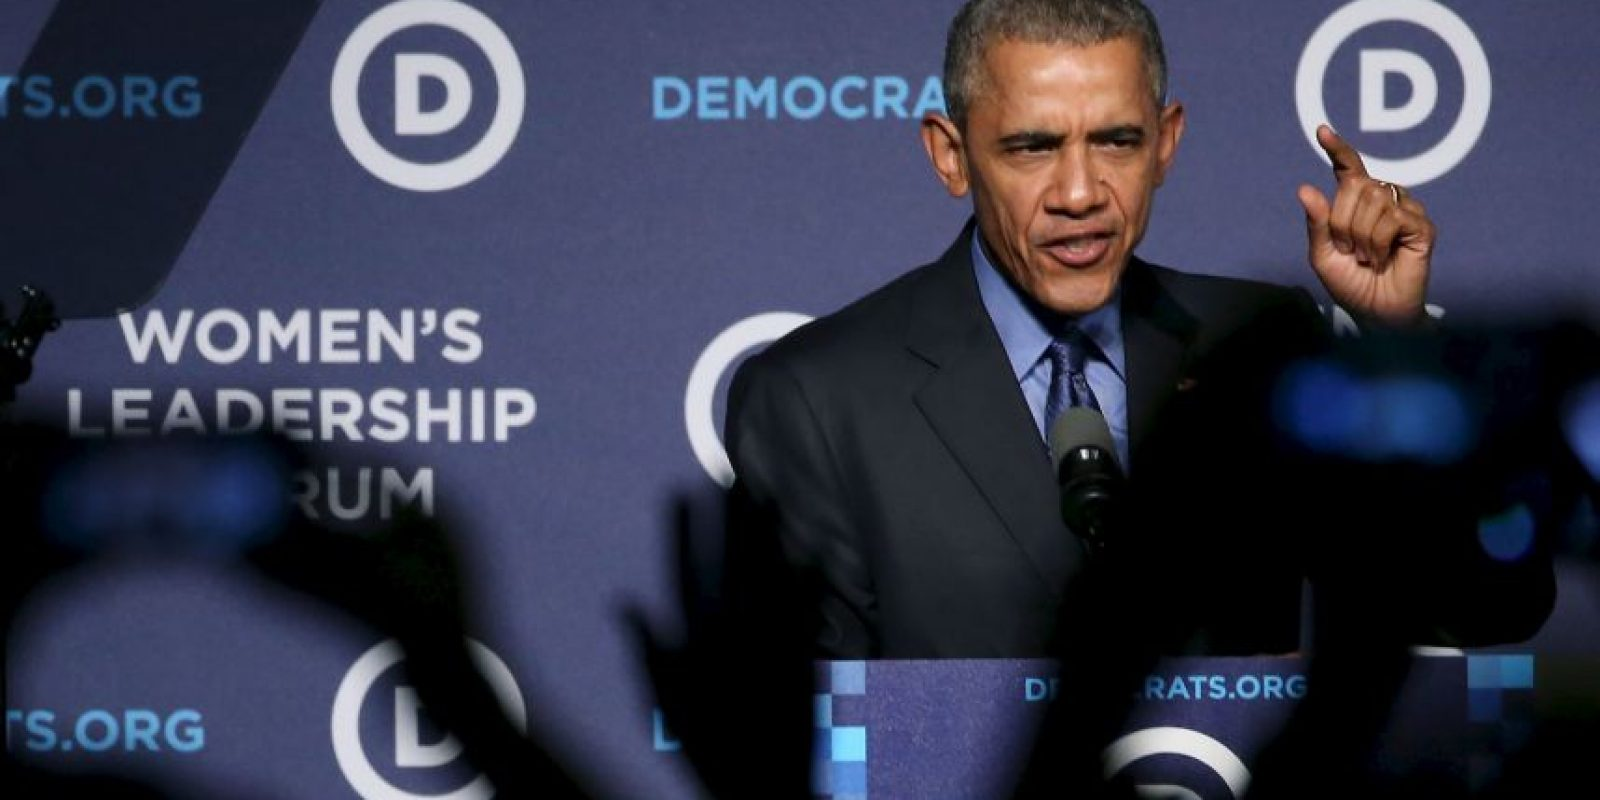 Además de recalcar que los miembros del Partido Demócrata (al que pertenece) tienen una visión optimista de hasta dónde puede llegar el país. Foto:AFP